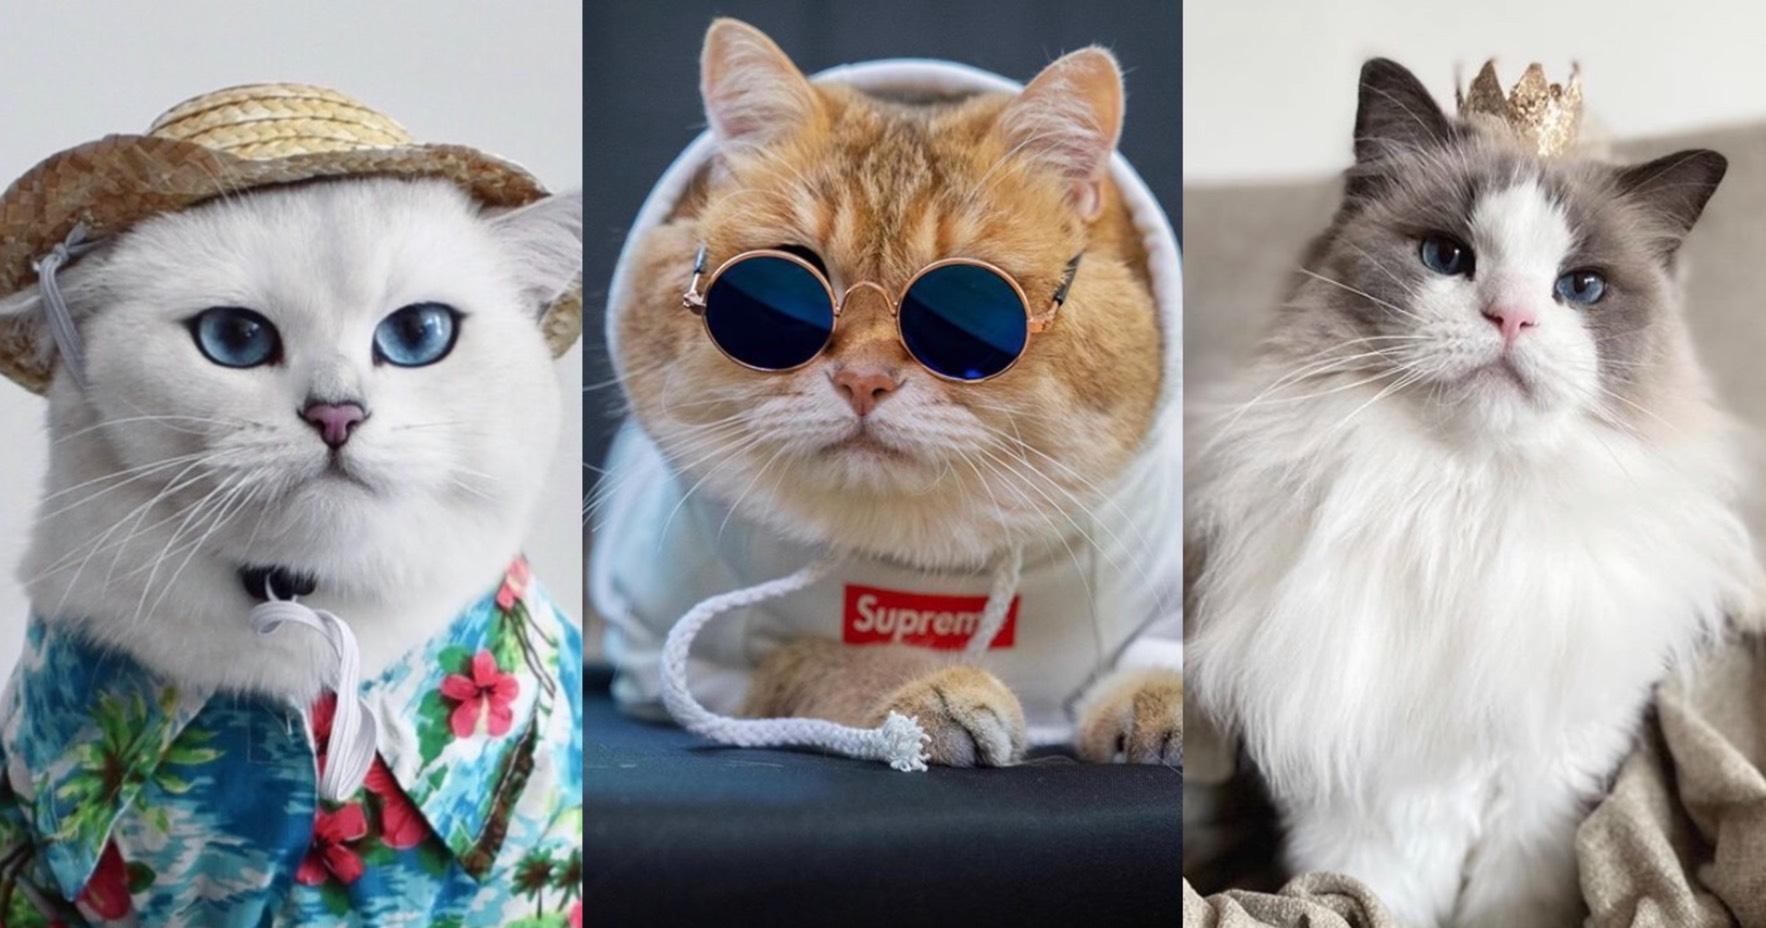 IG超人氣7隻貓咪網紅推薦!下班紓壓最佳良藥,療癒、可愛激萌樣一秒融化